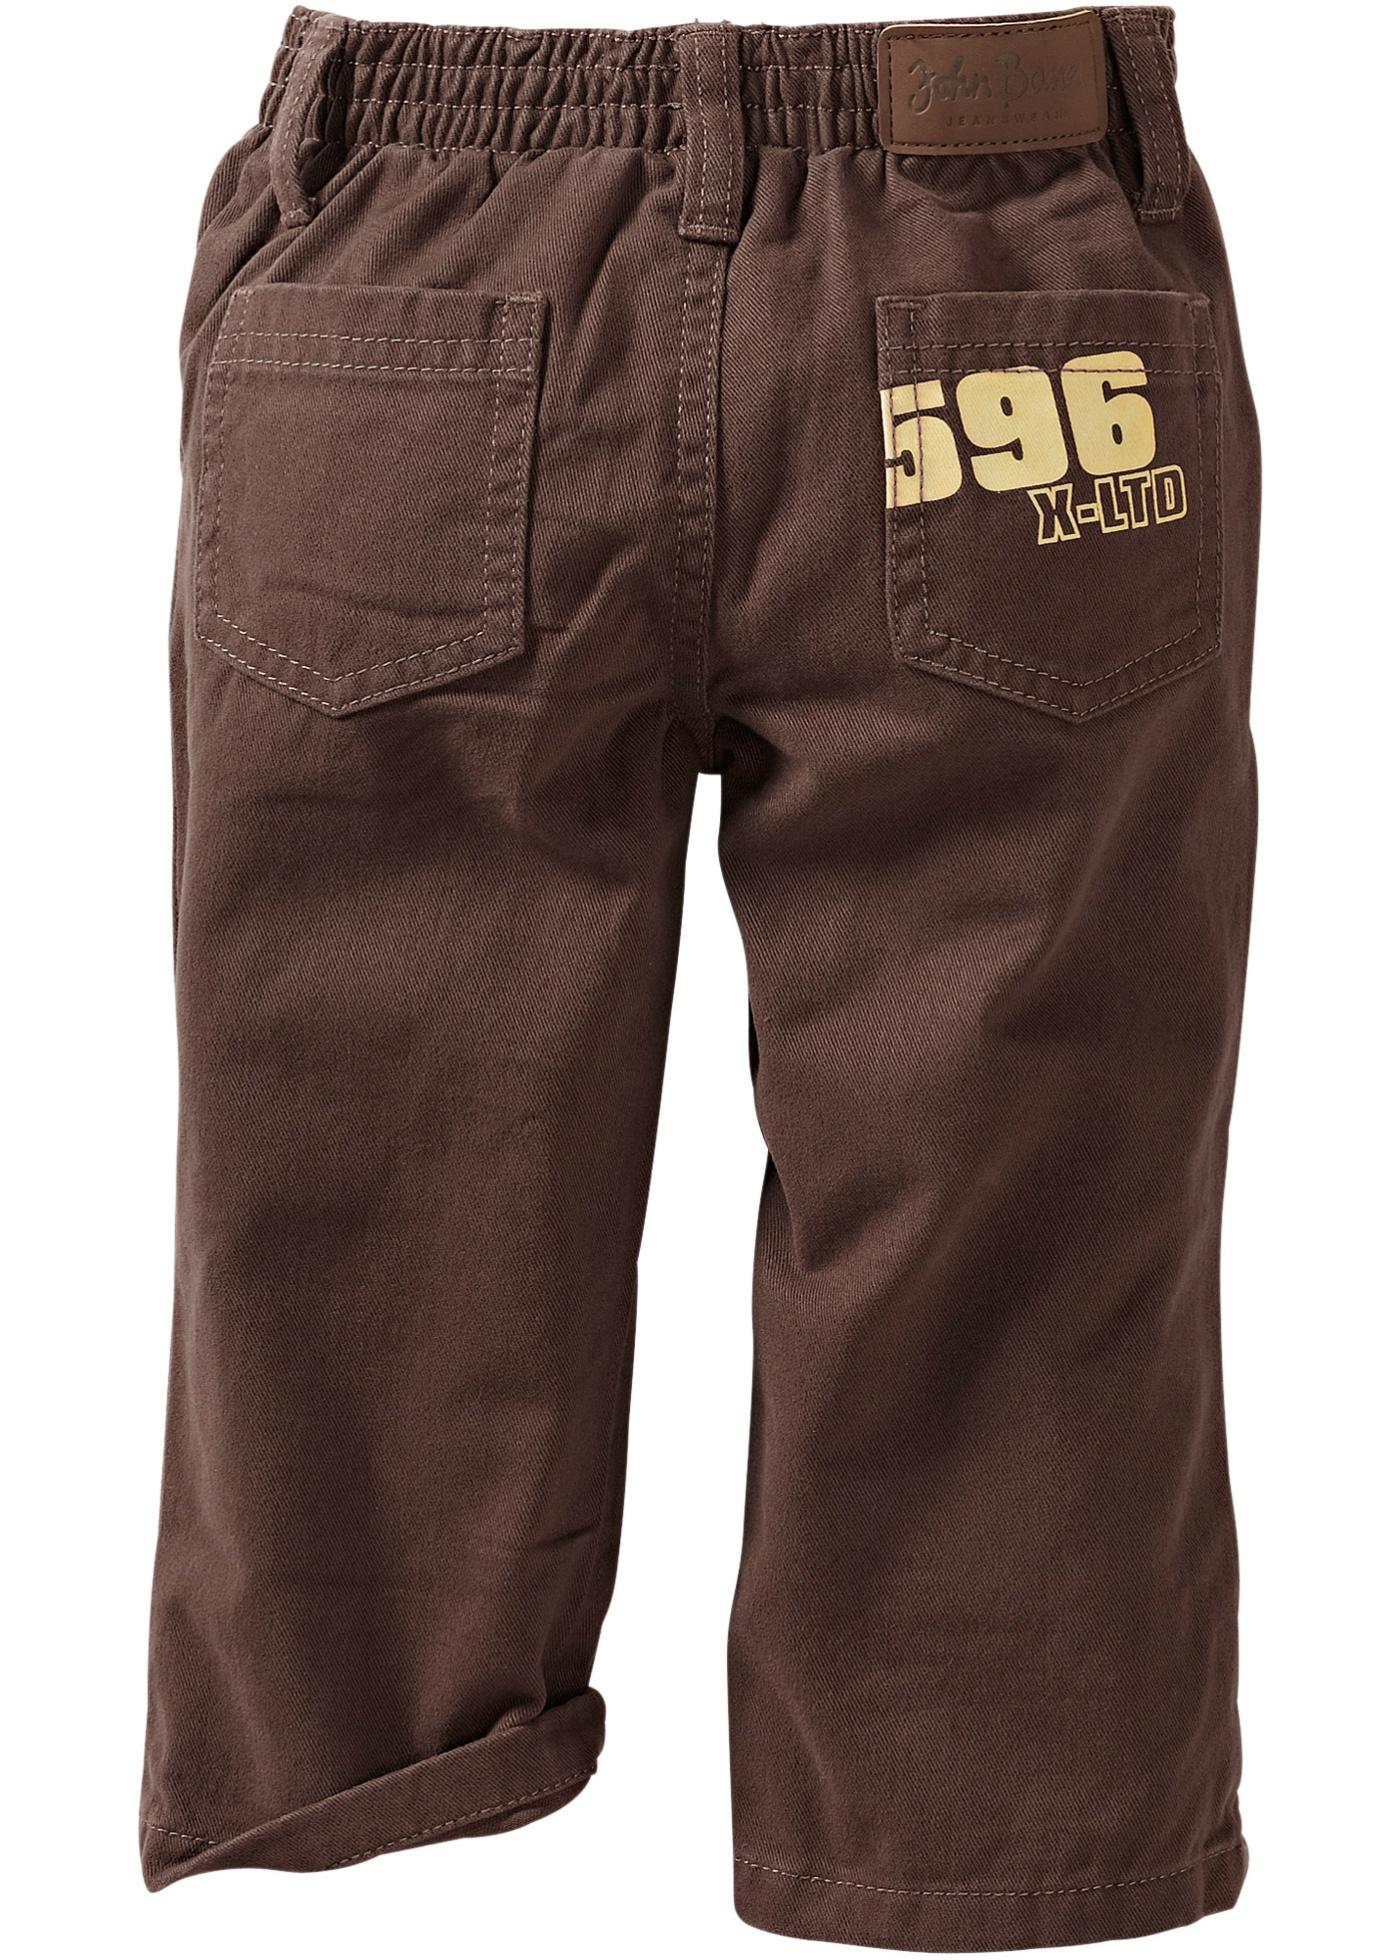 Pantalone  Marrone  - Joh